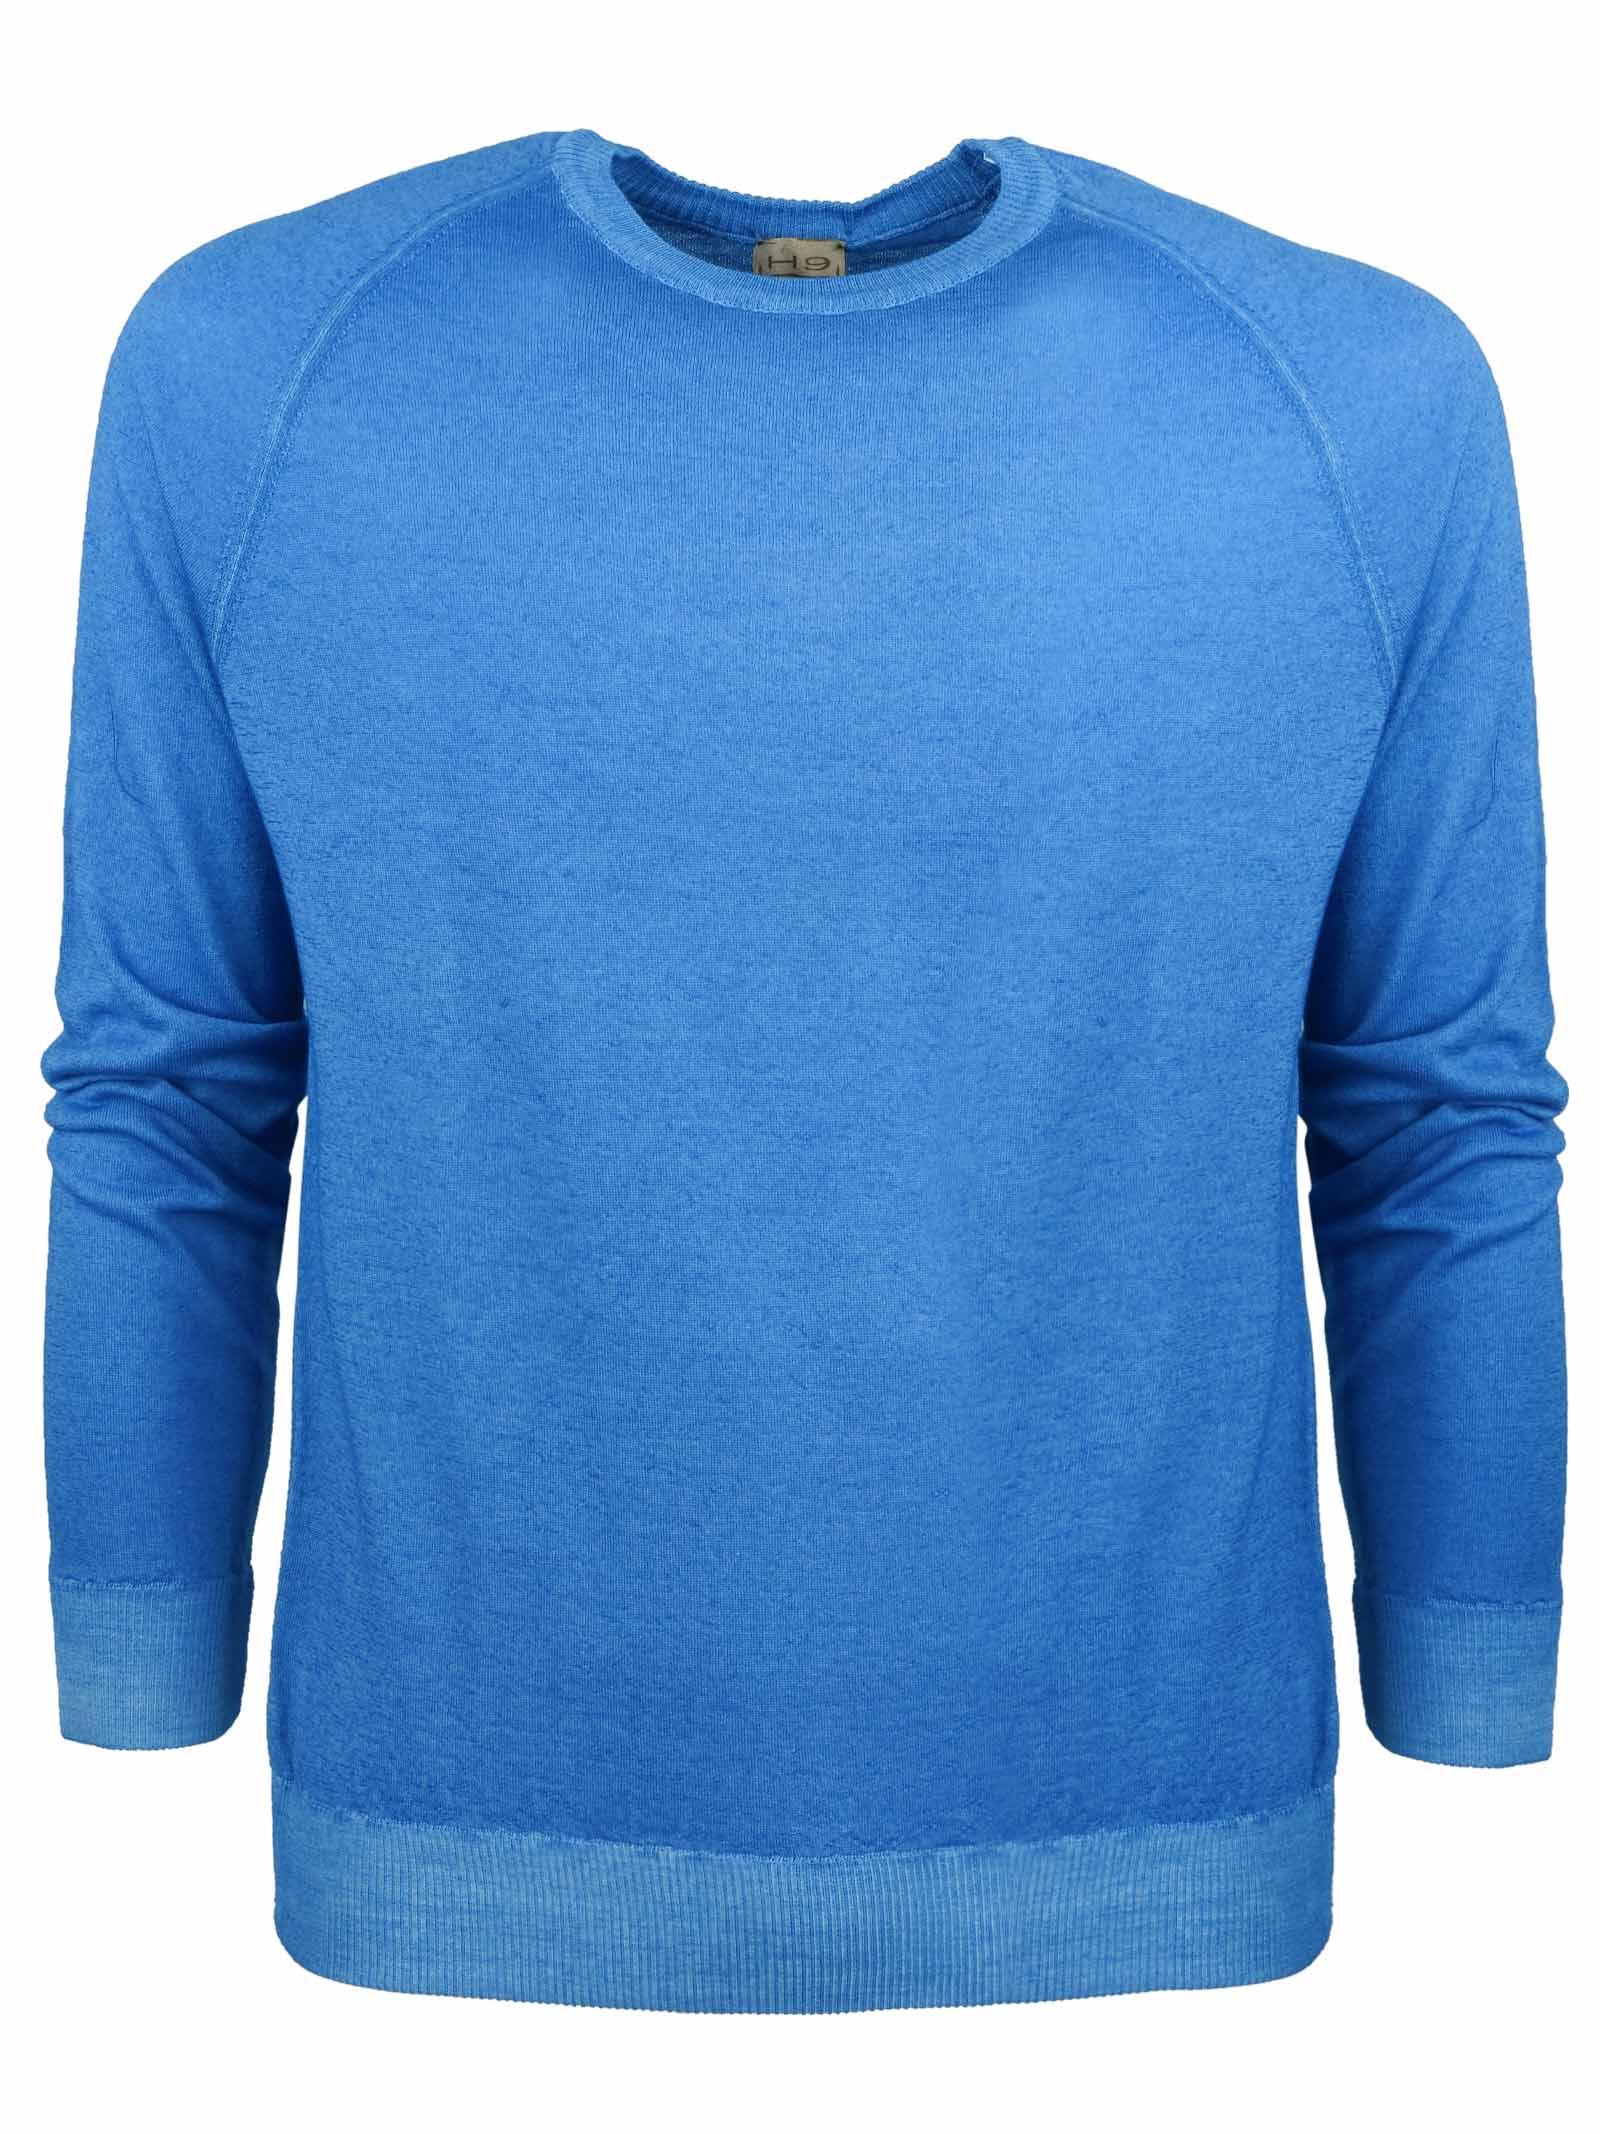 Sweat style merino wool crew neck H953 | Knitwear | 317169